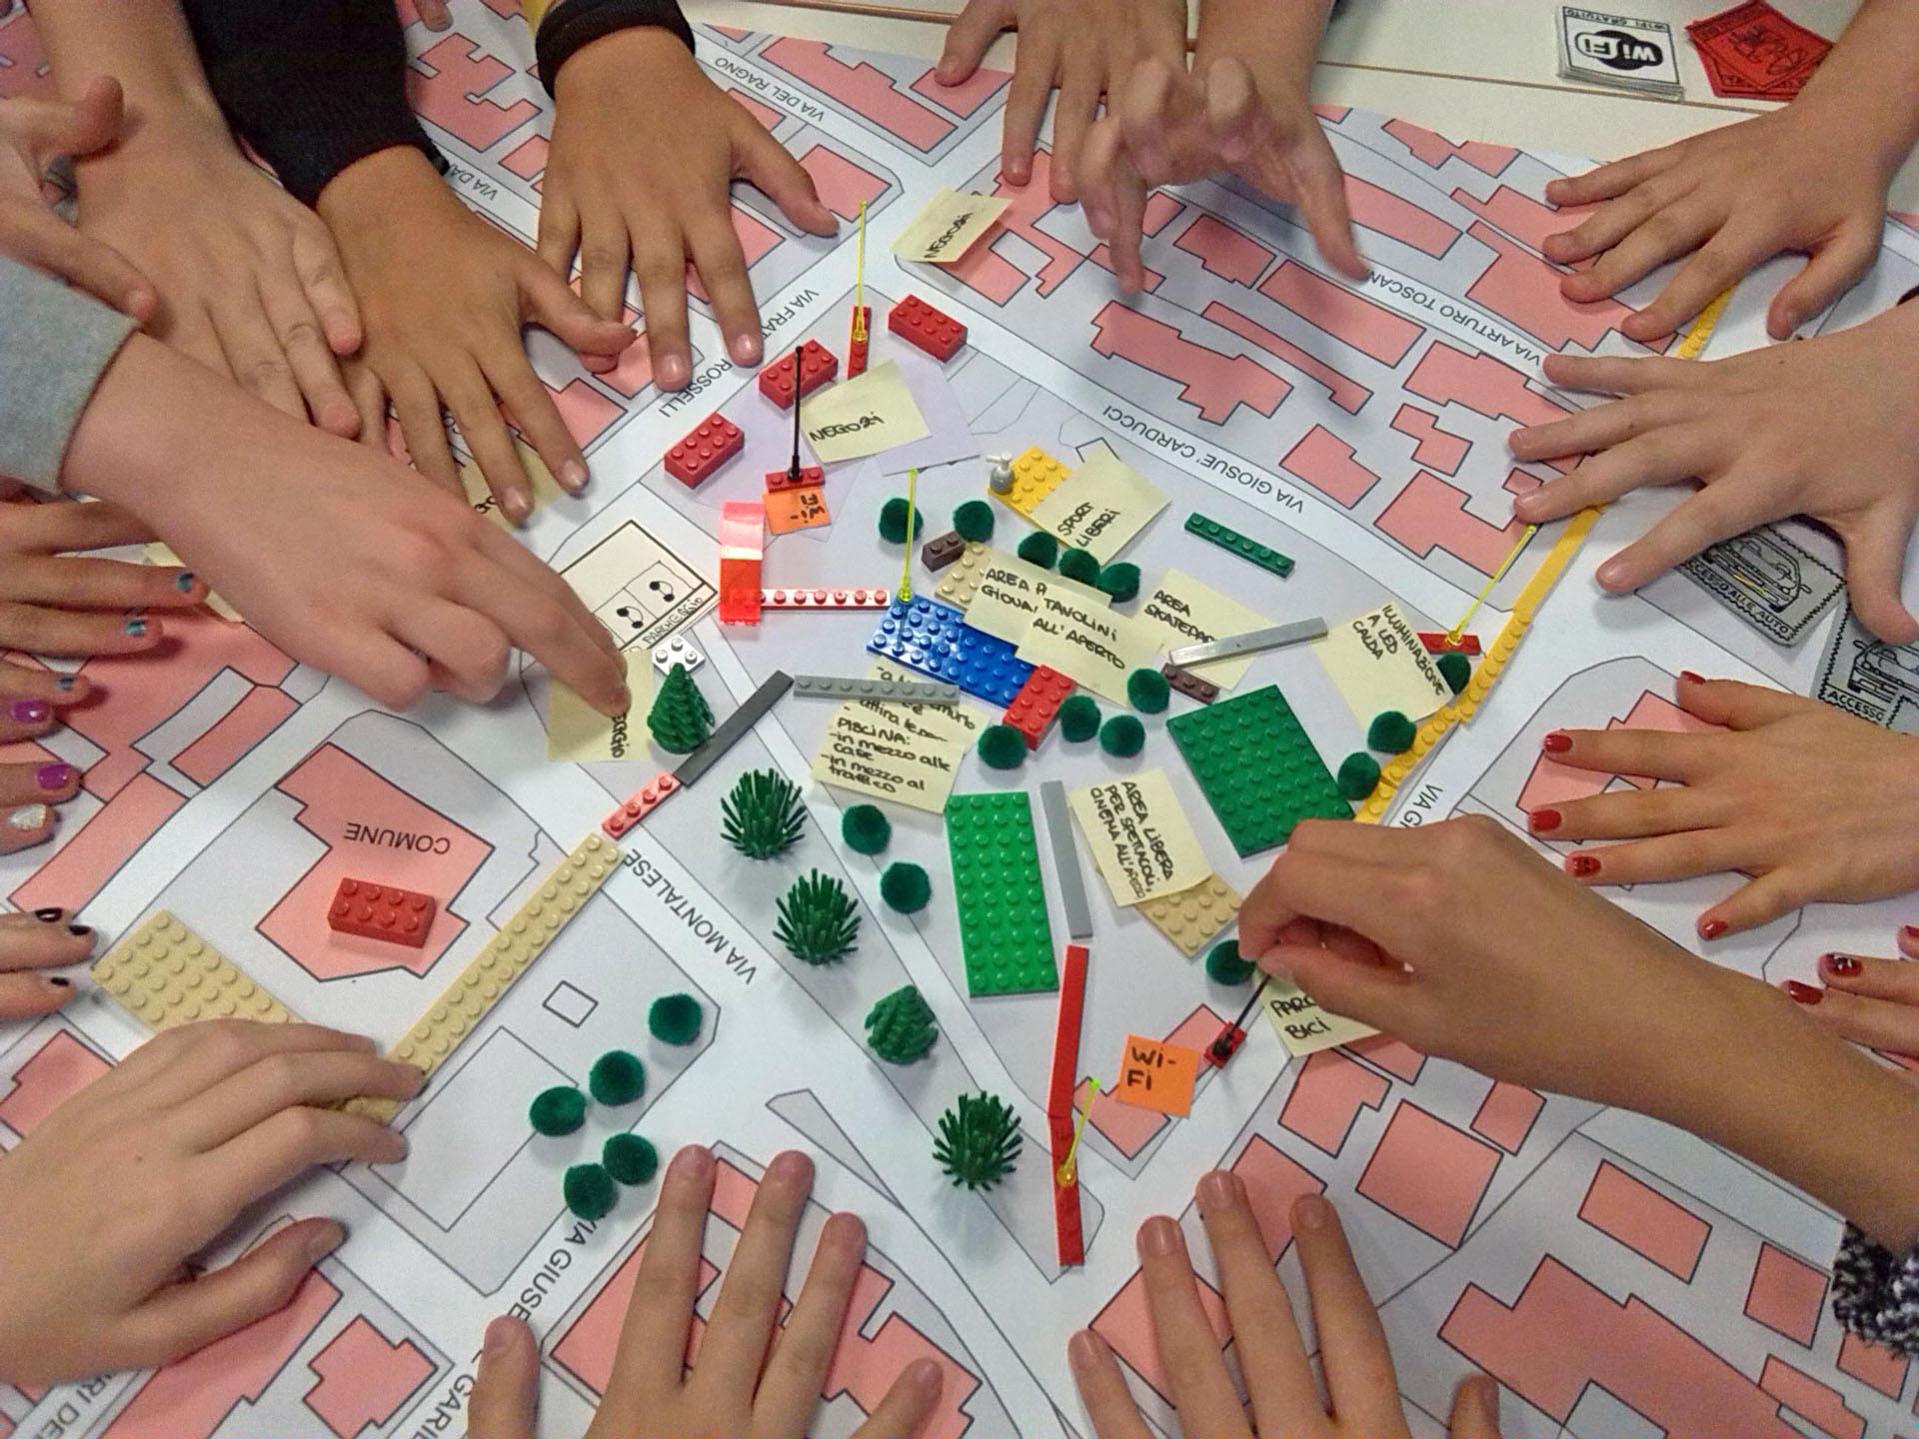 Fotografia di un'attività di co-progettazione